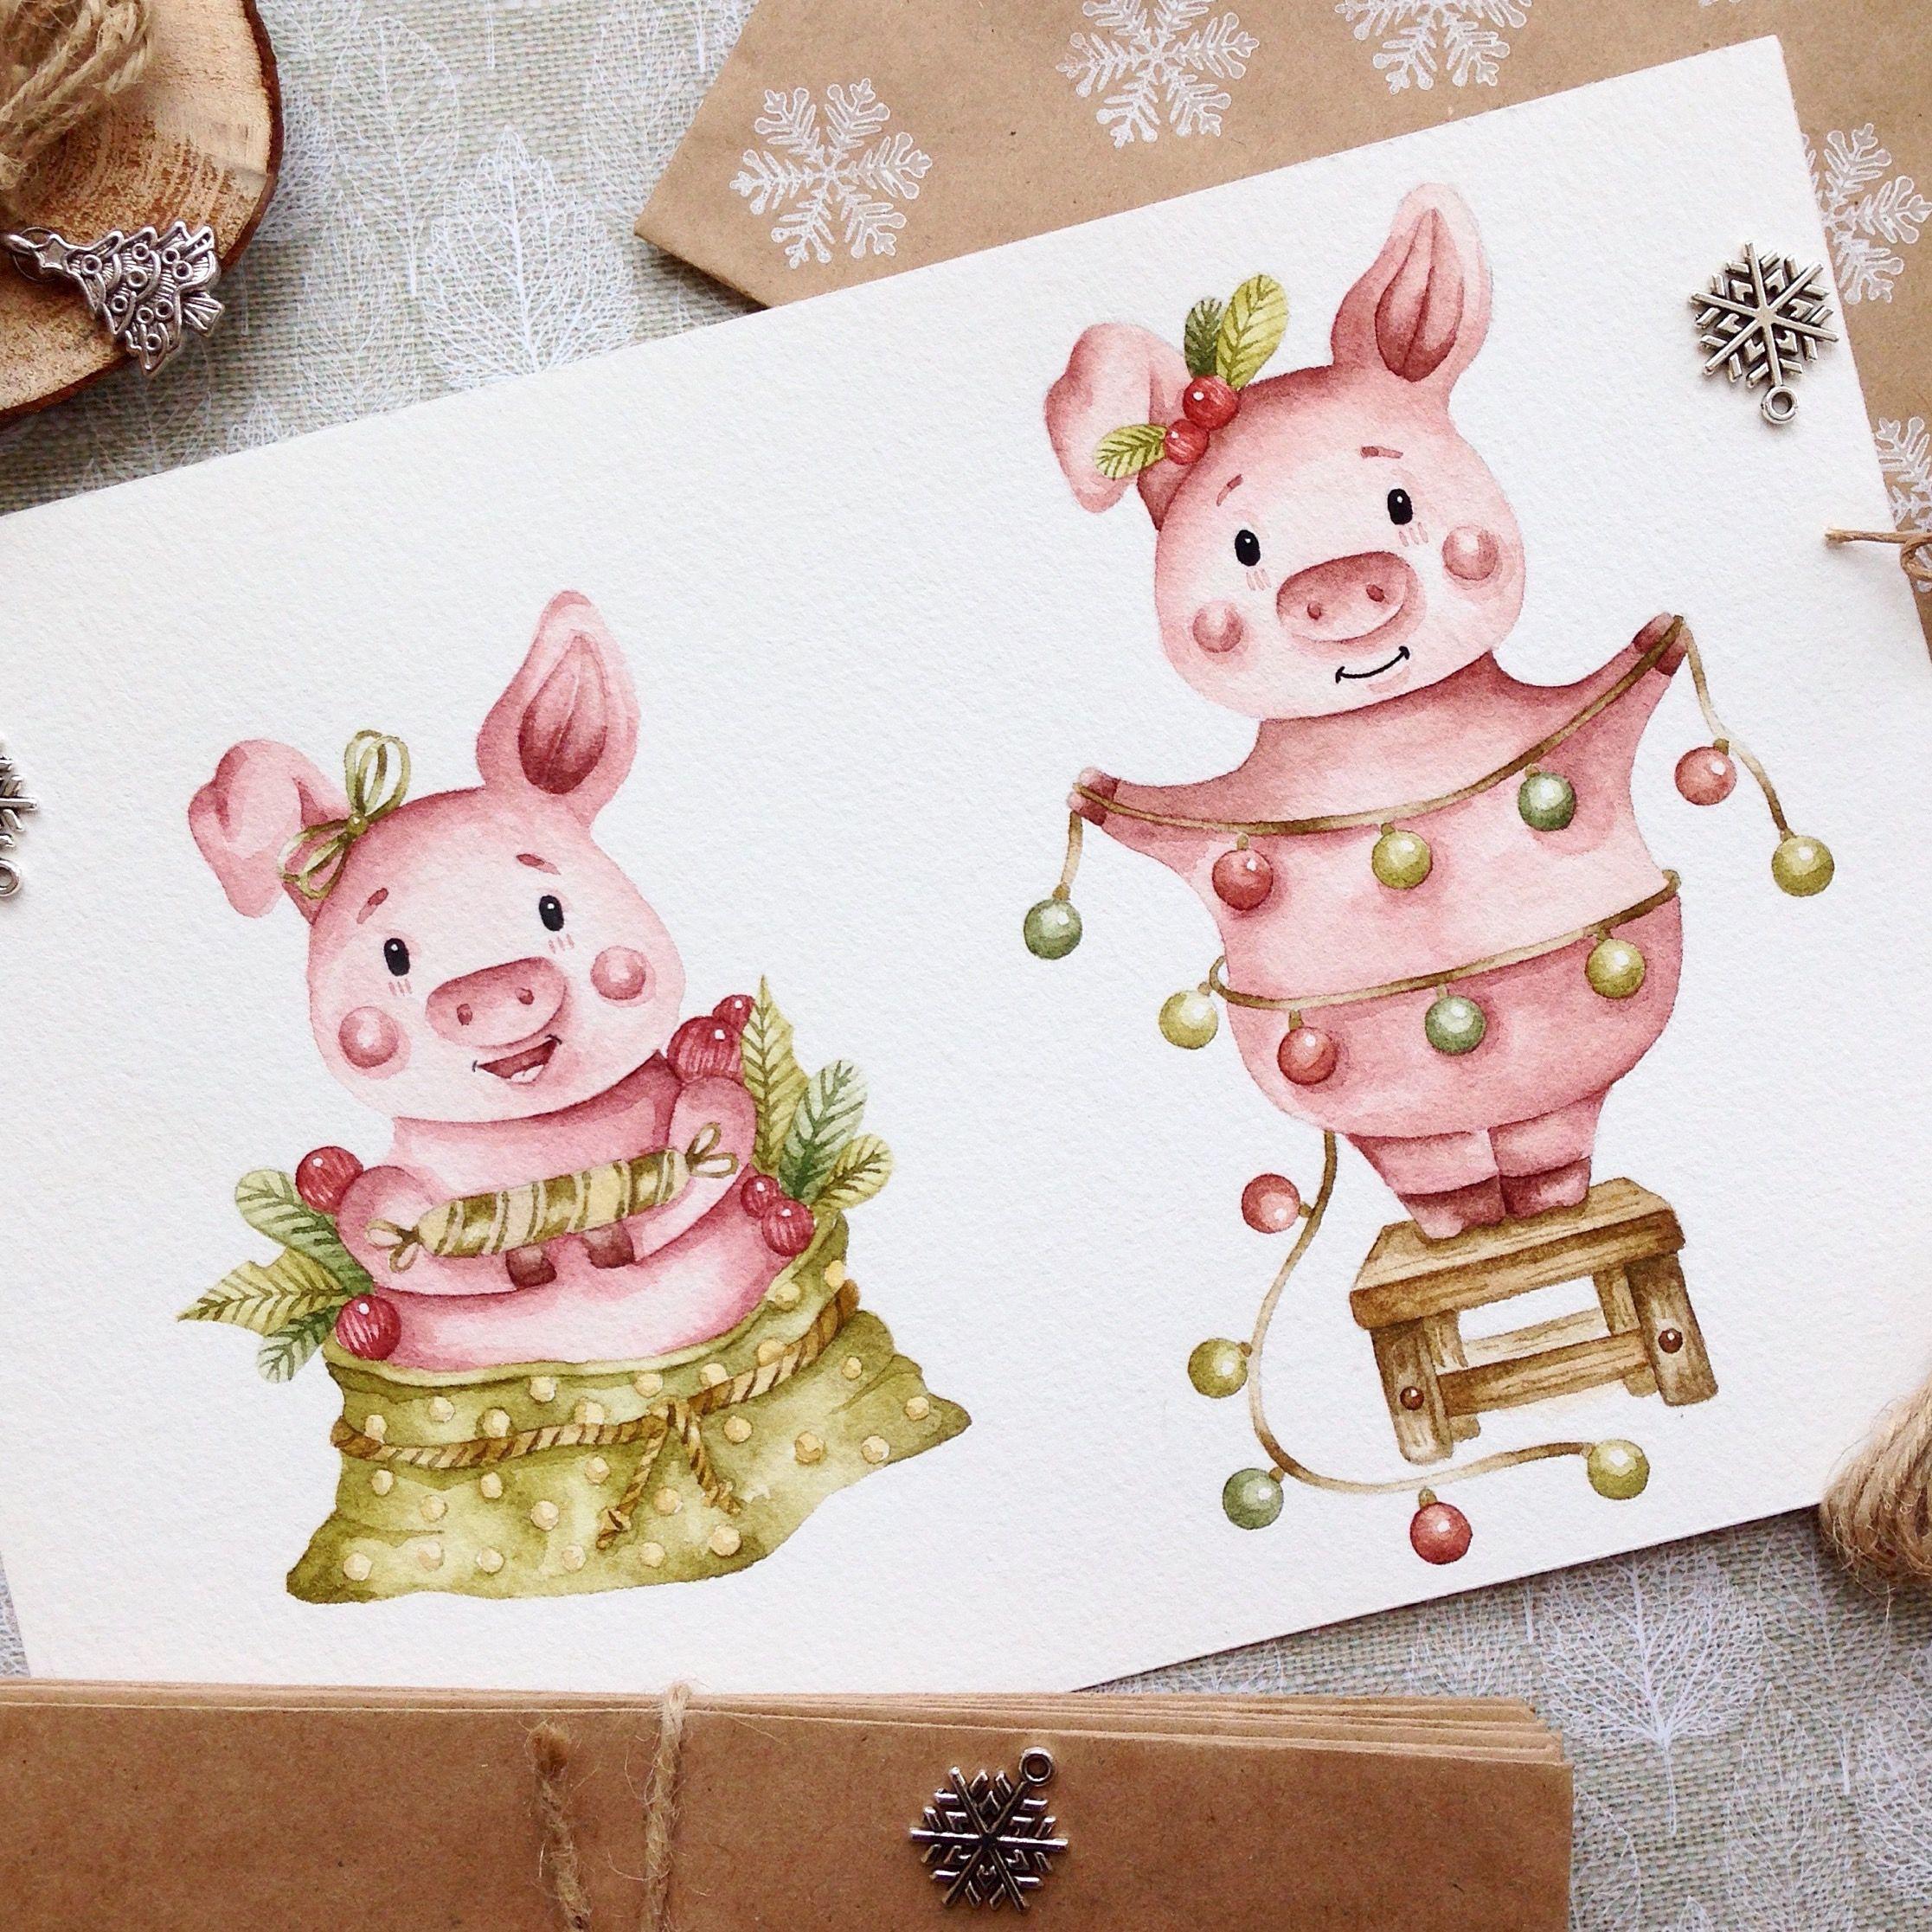 рисунок новогодней свинки открытка думаешь, что